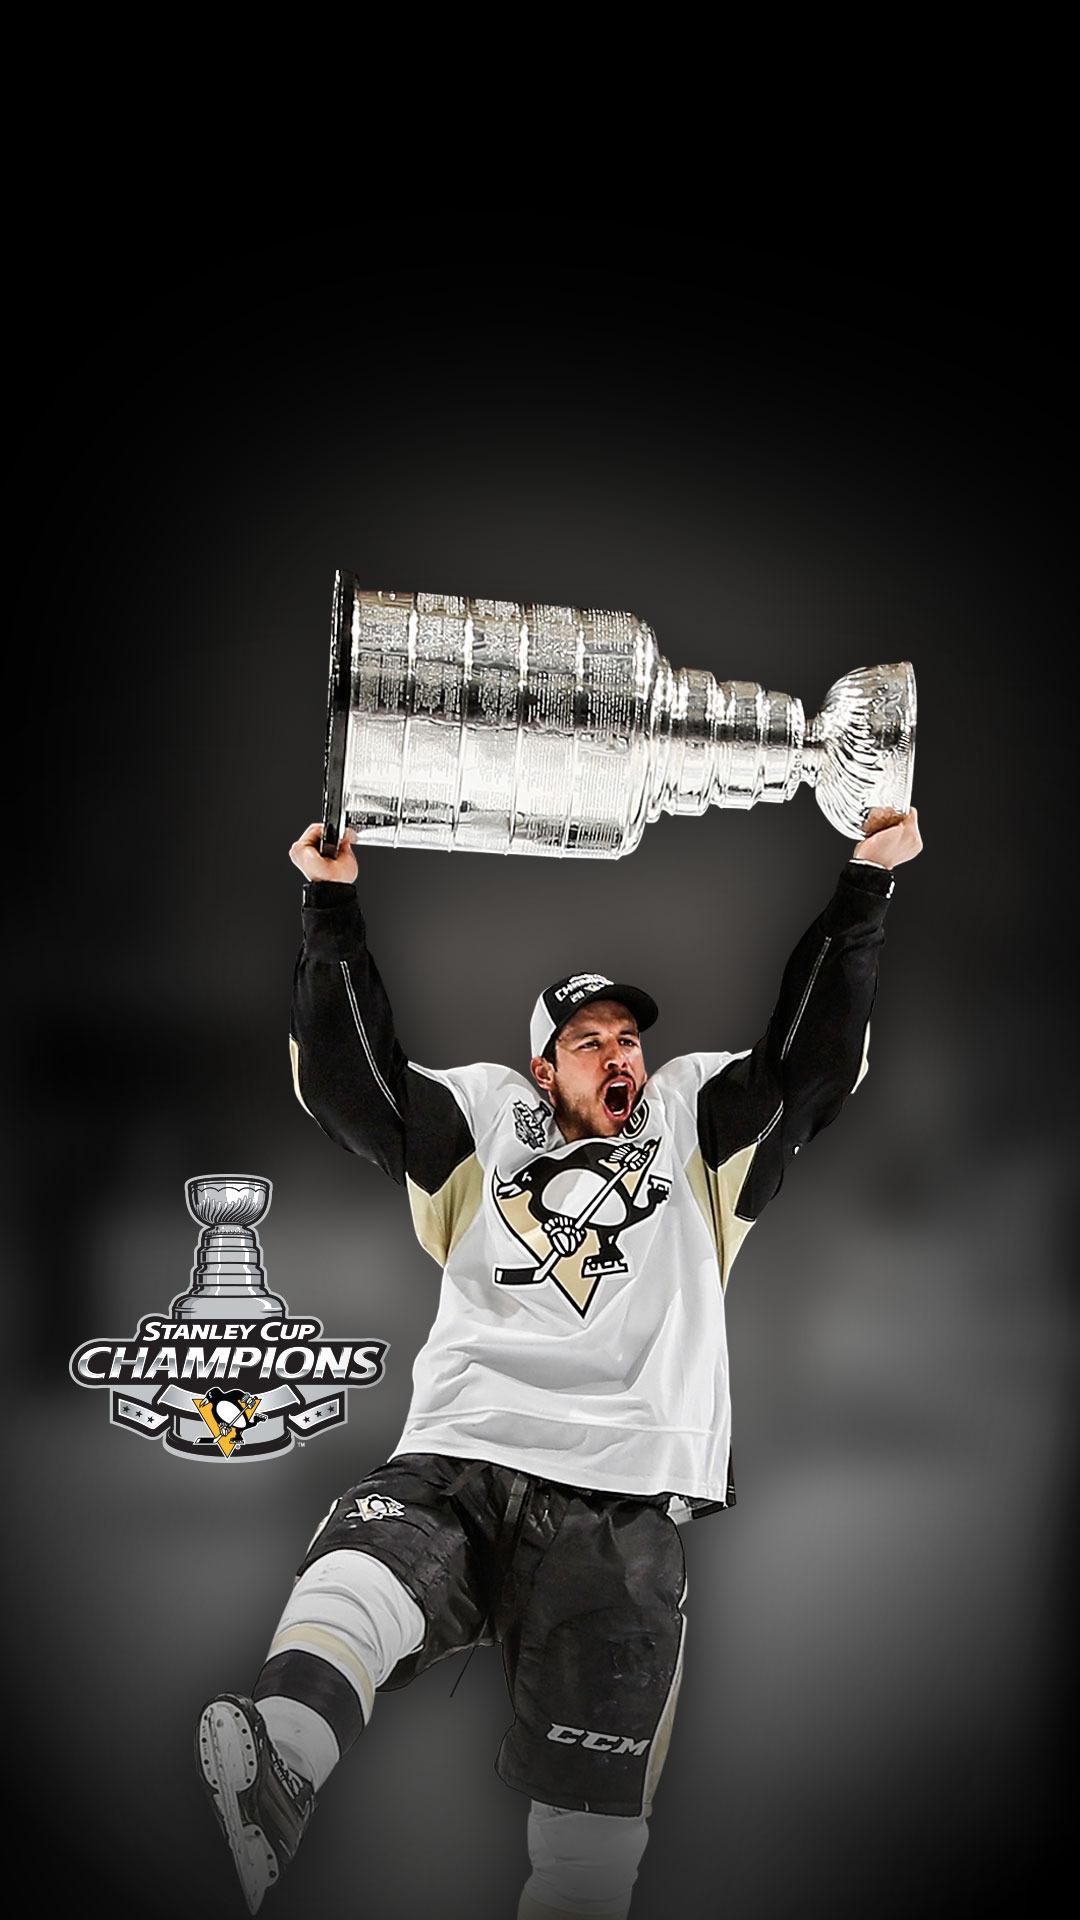 Sidney Crosby Wallpaper NHL Top 42 Sidney Crosby NHL 1080x1920